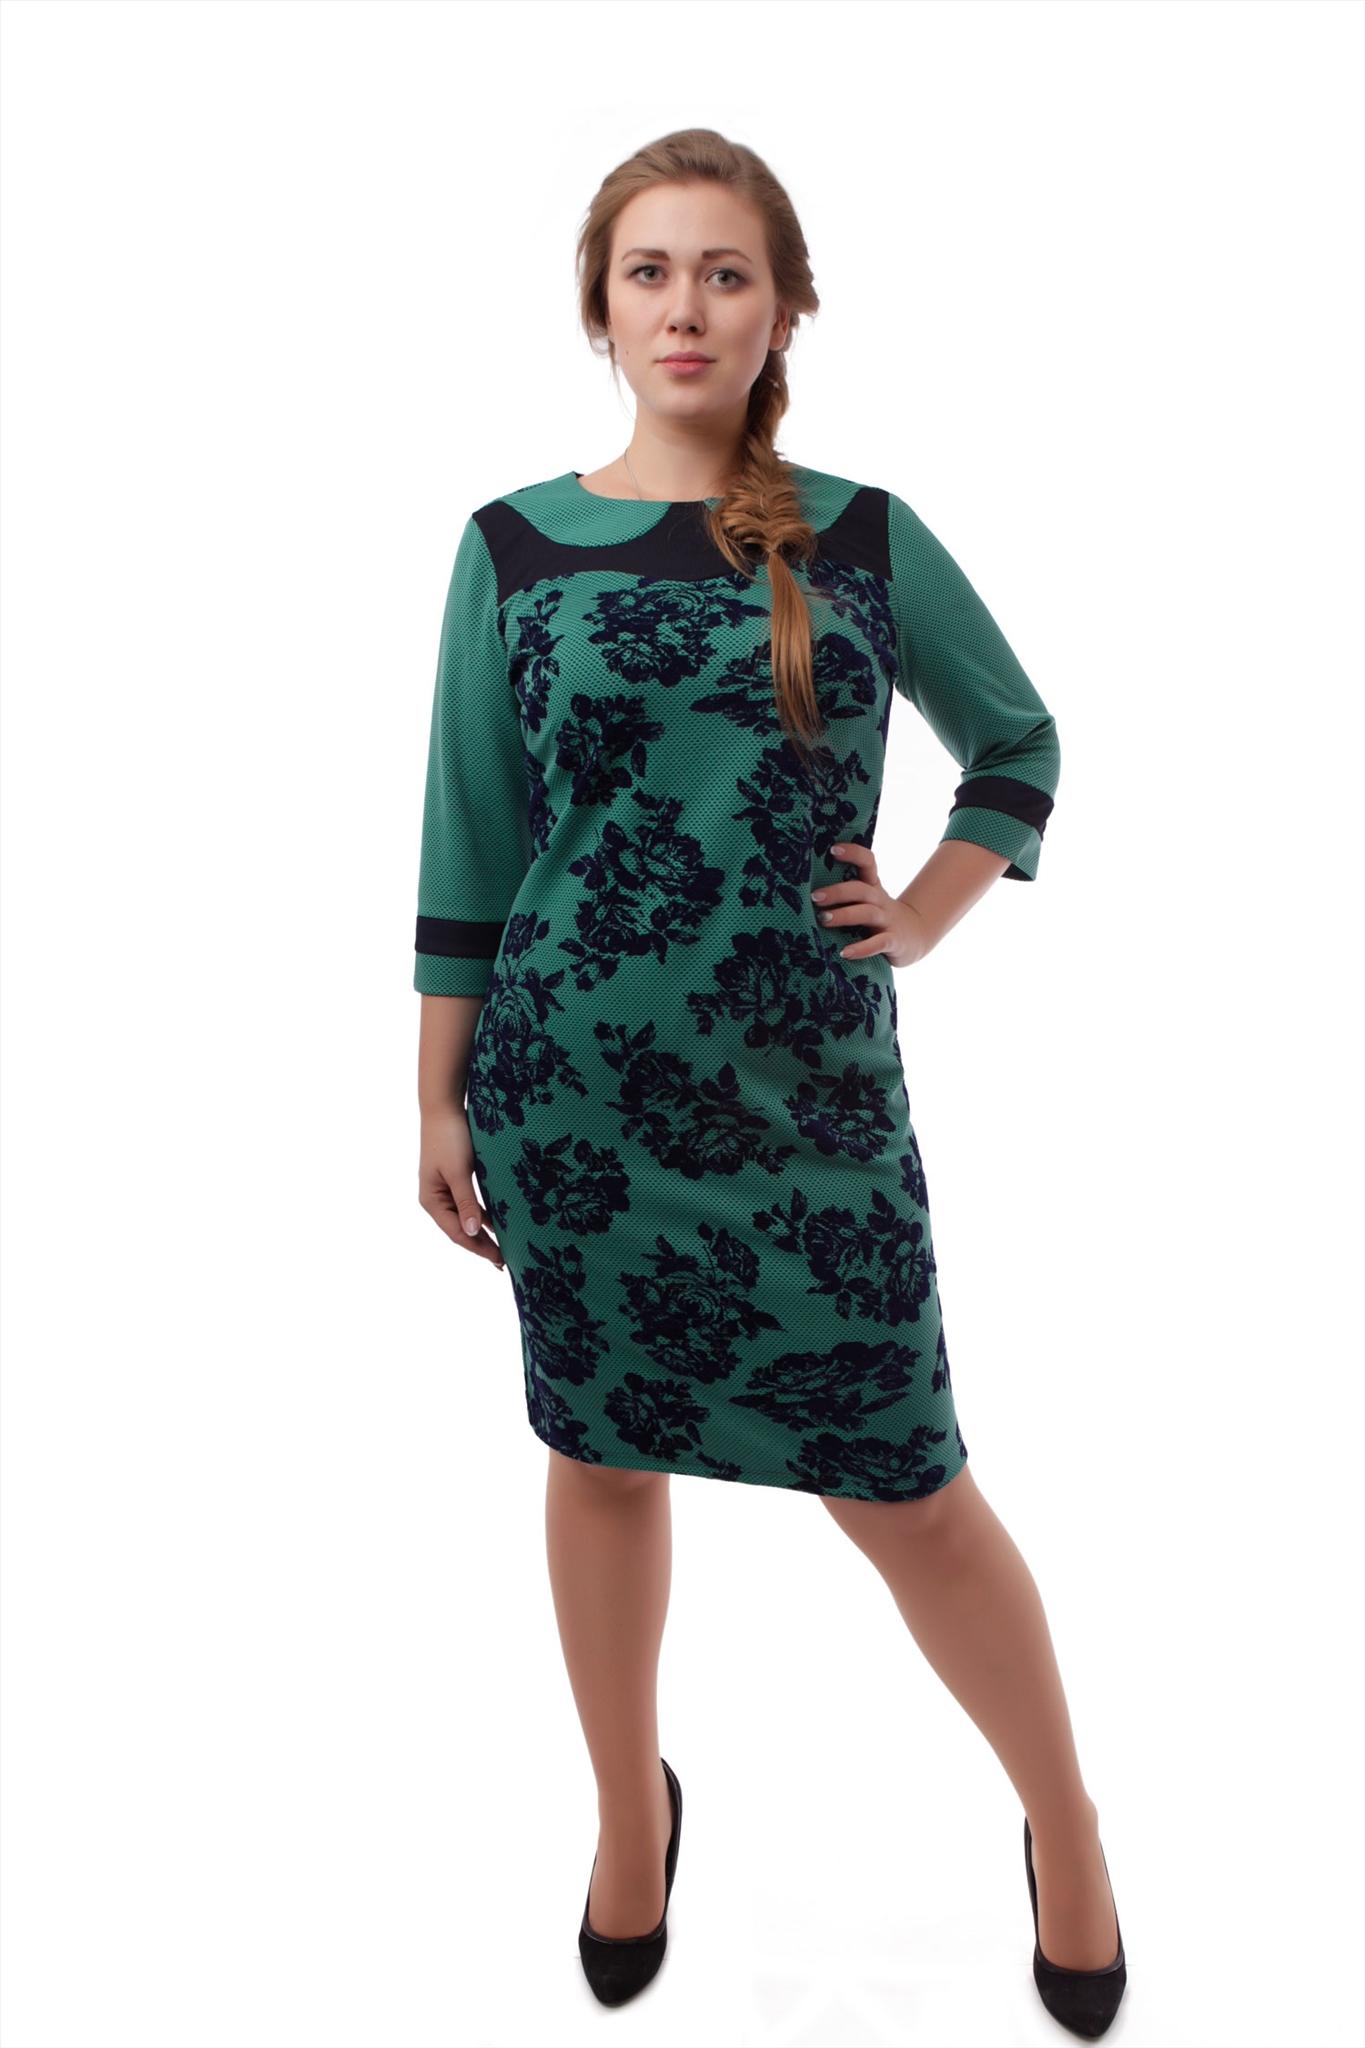 Женская Нарядная Одежда Оптом От Производителя